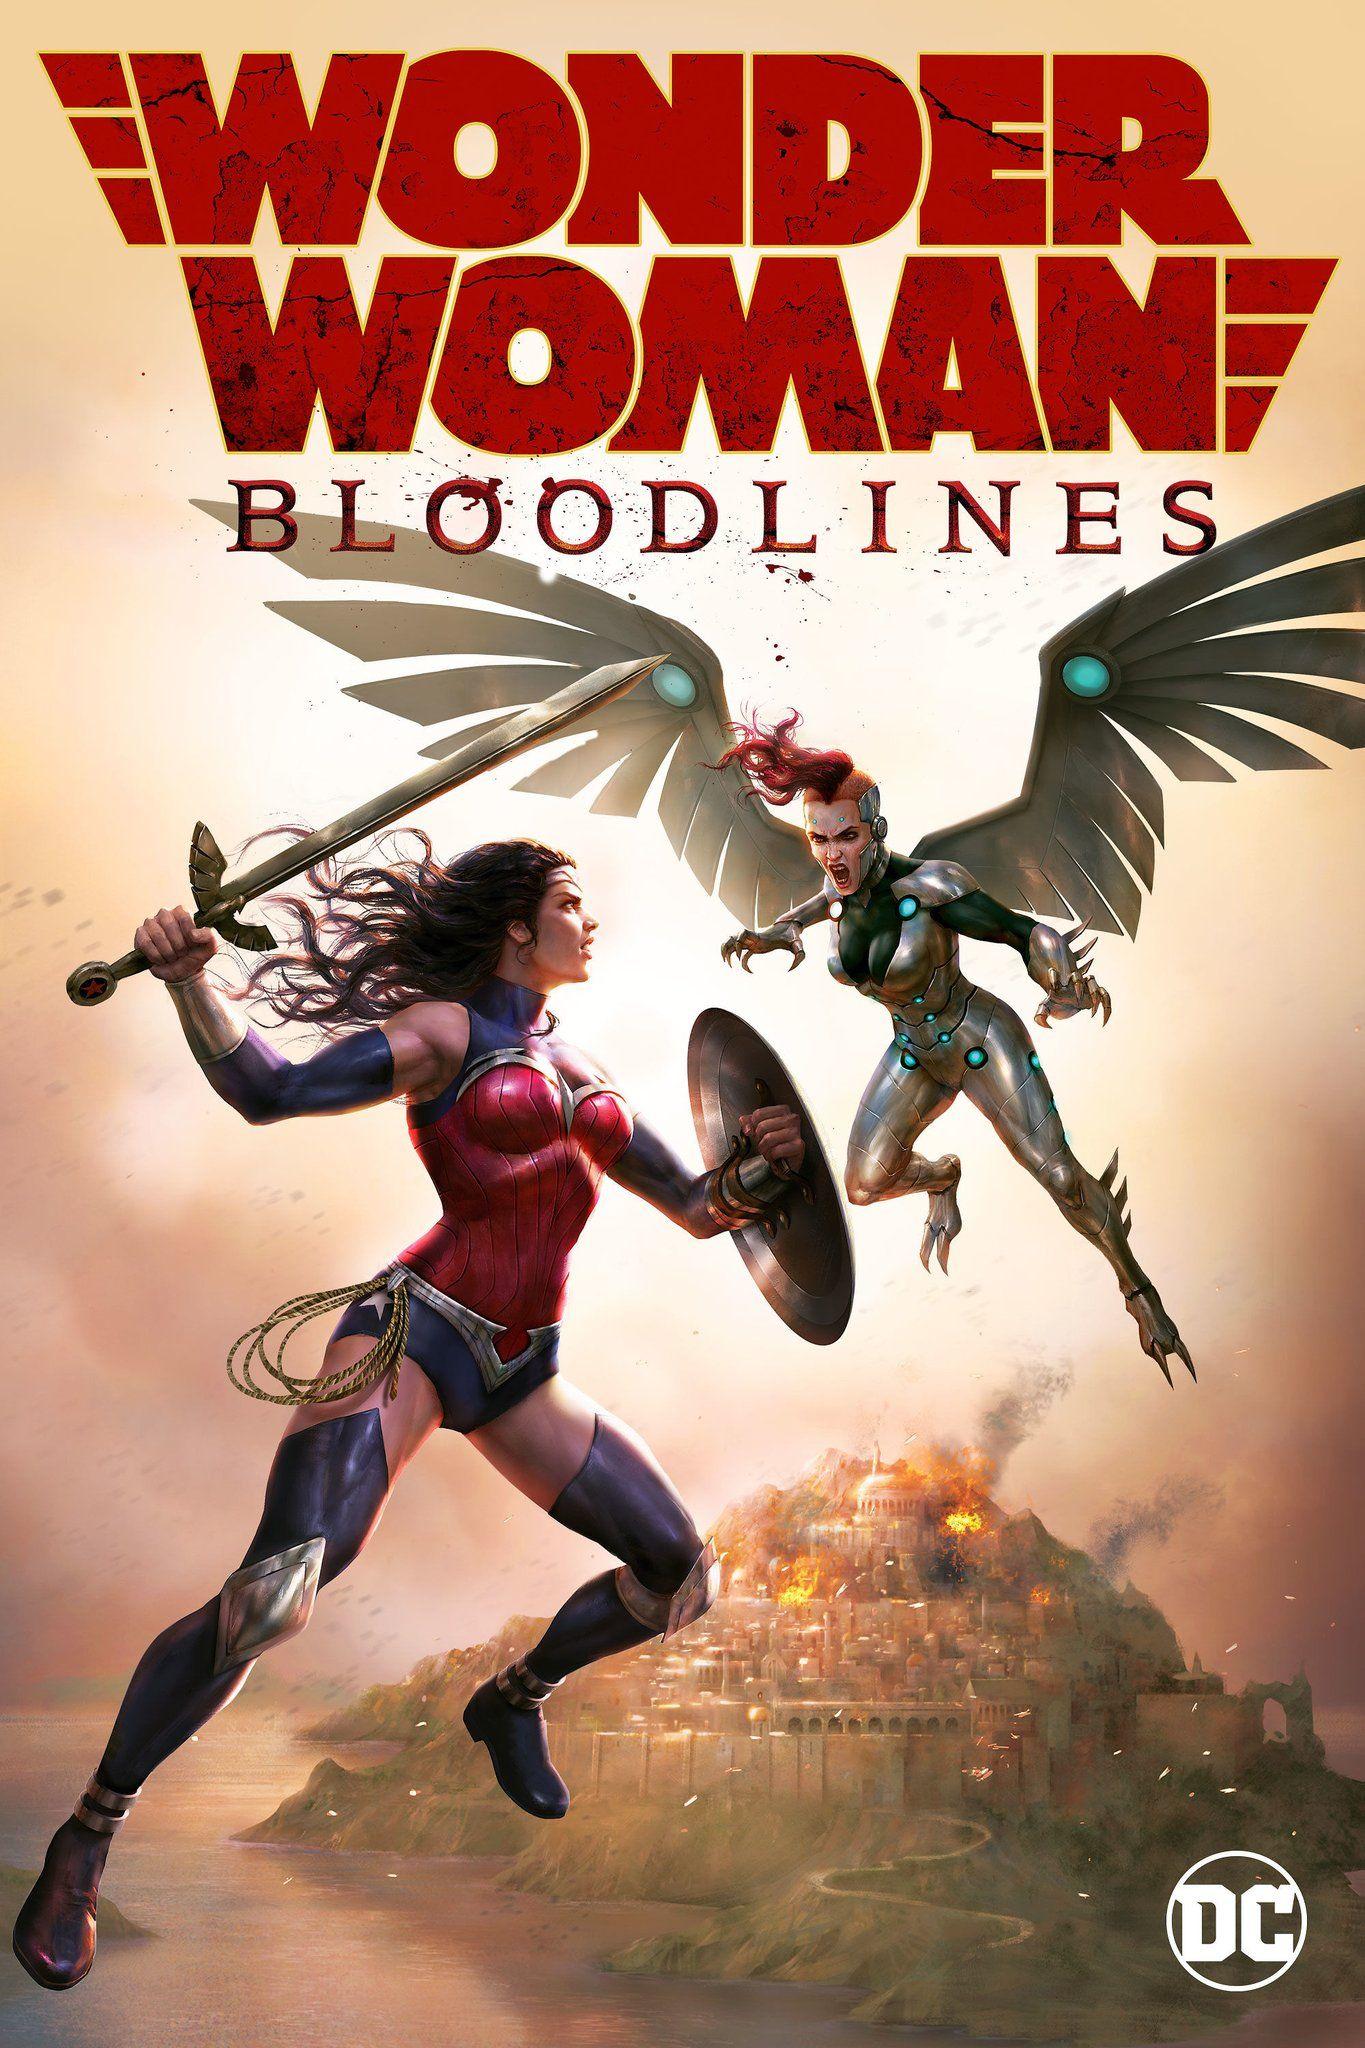 Wonder Woman Bloodlines Wonder Woman Bloodlines English Movies Animated Movies